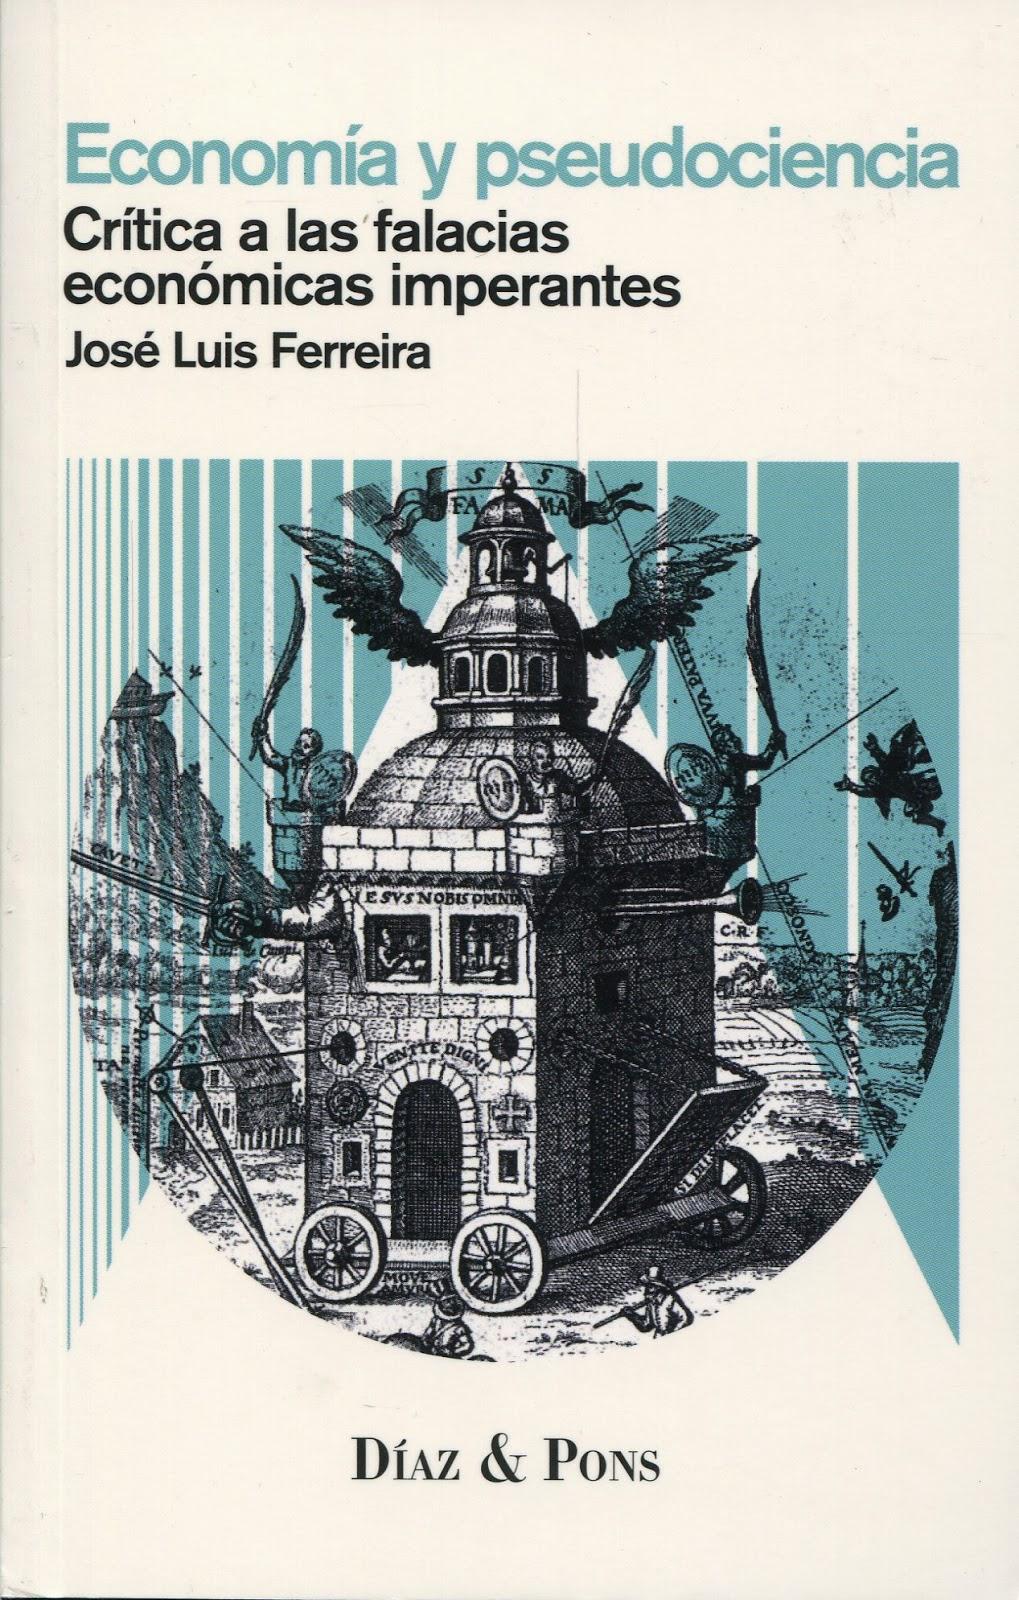 Bienvenido, José Luis Ferreira